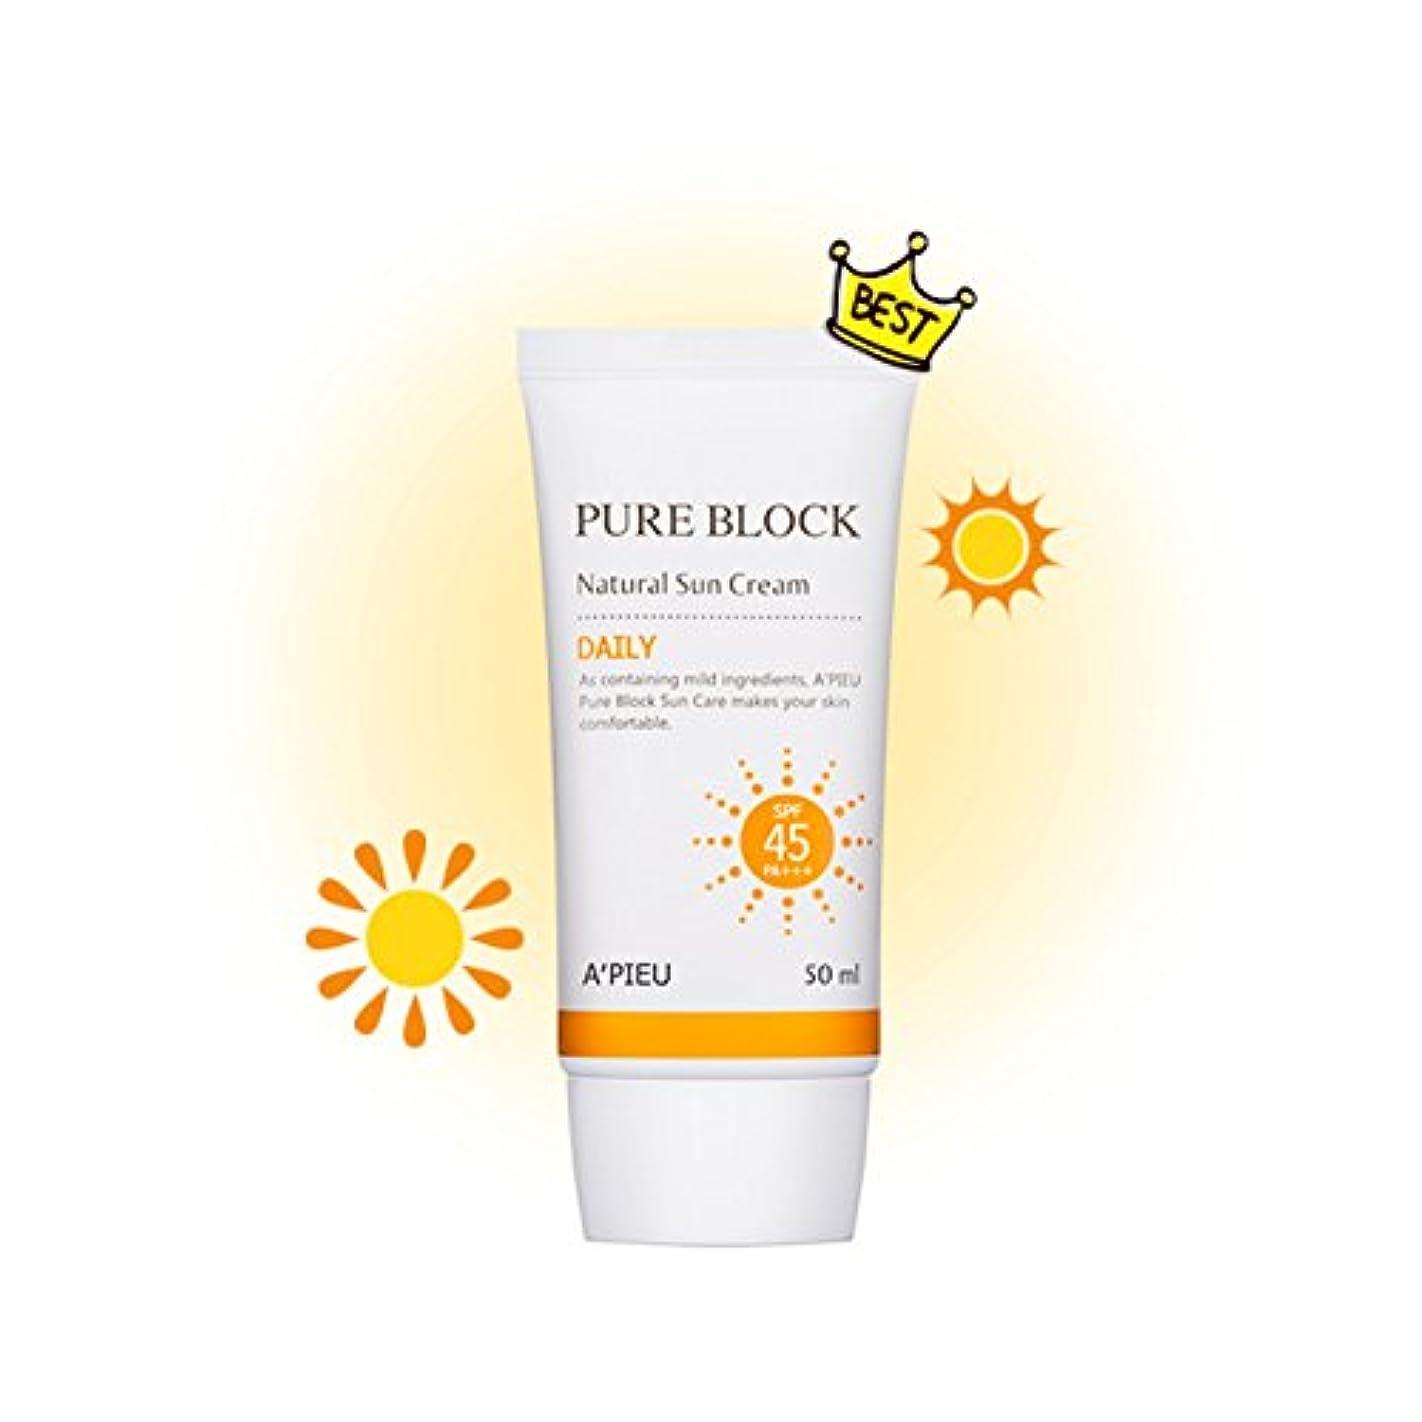 磁器取り囲む解明する[オピュ] A'PIEU ピュアブロックナチュラルデイリー日焼け止め Pure Block Natural Daily Sun Cream SPF 45 PA+++ [並行輸入品]